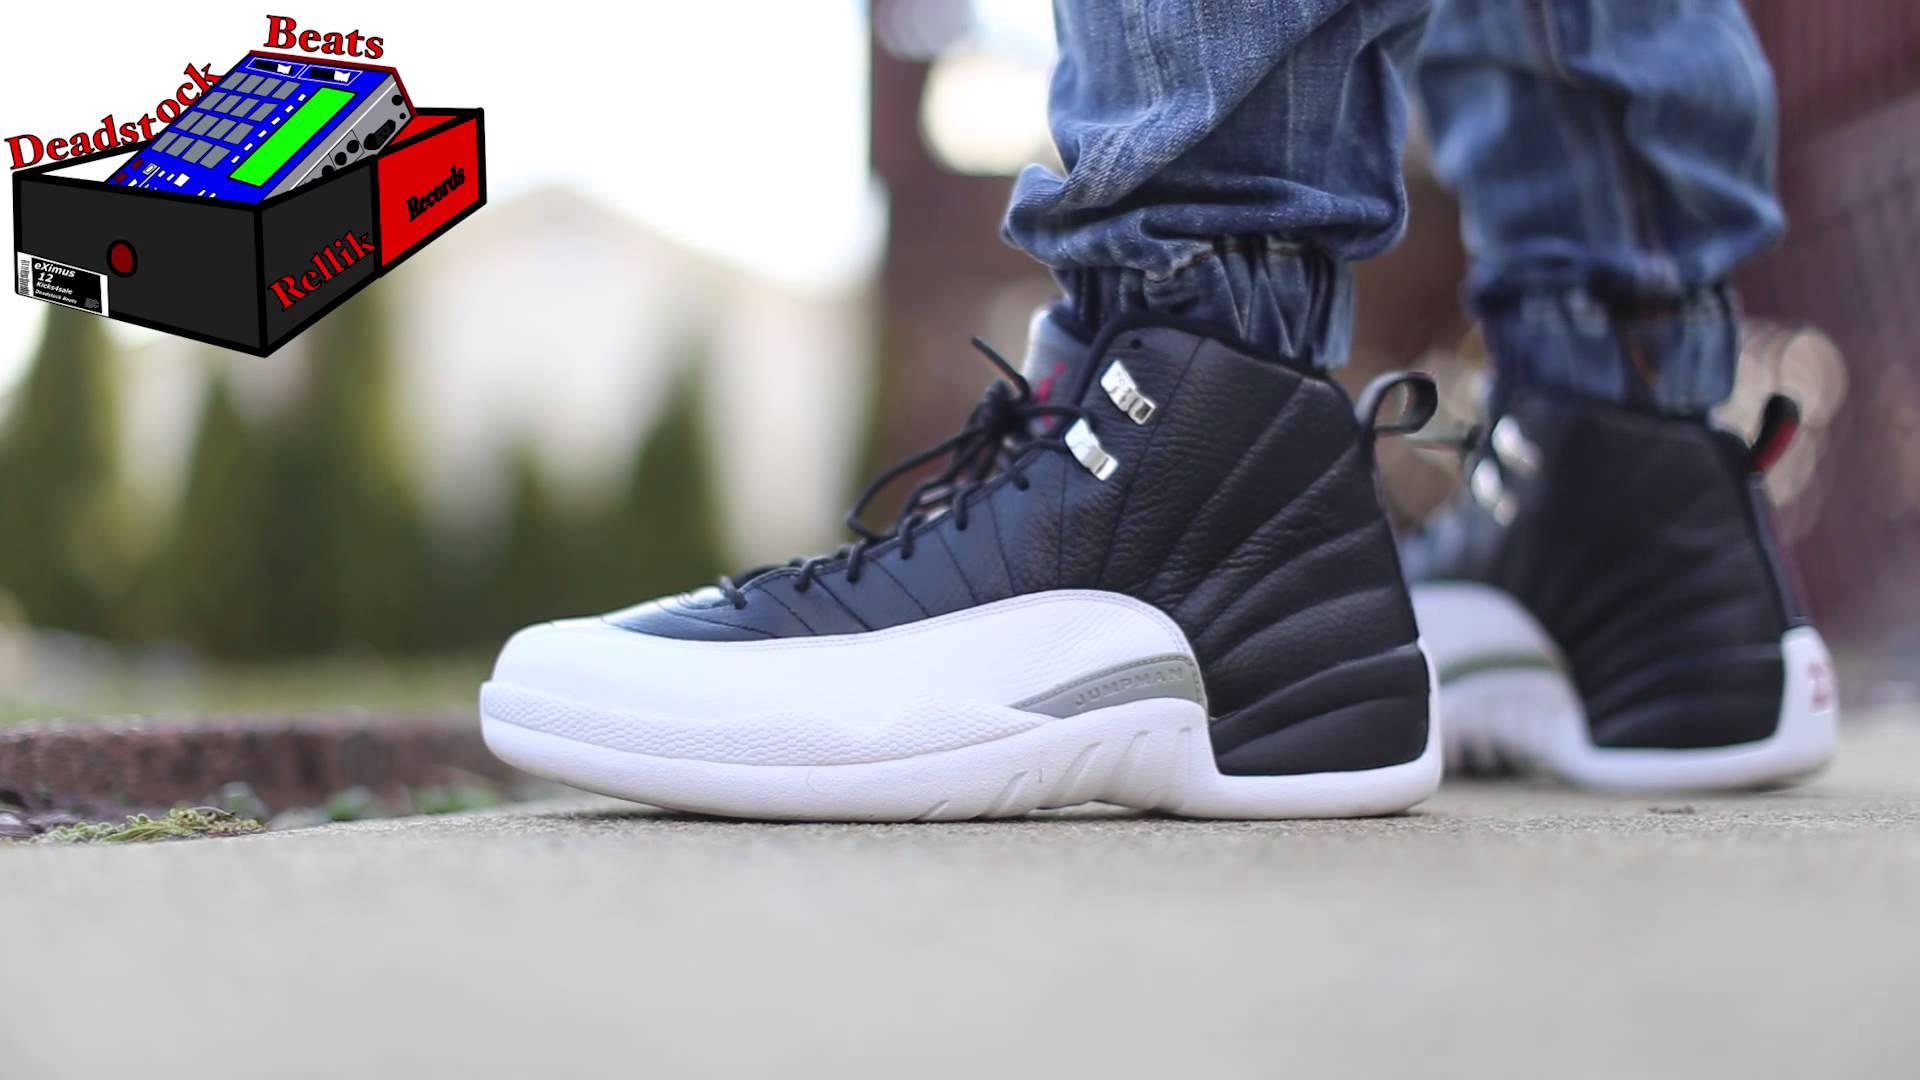 super popular 2a94e 70f18 Jordan 12 Playoffs 3-30-15 - YouTube